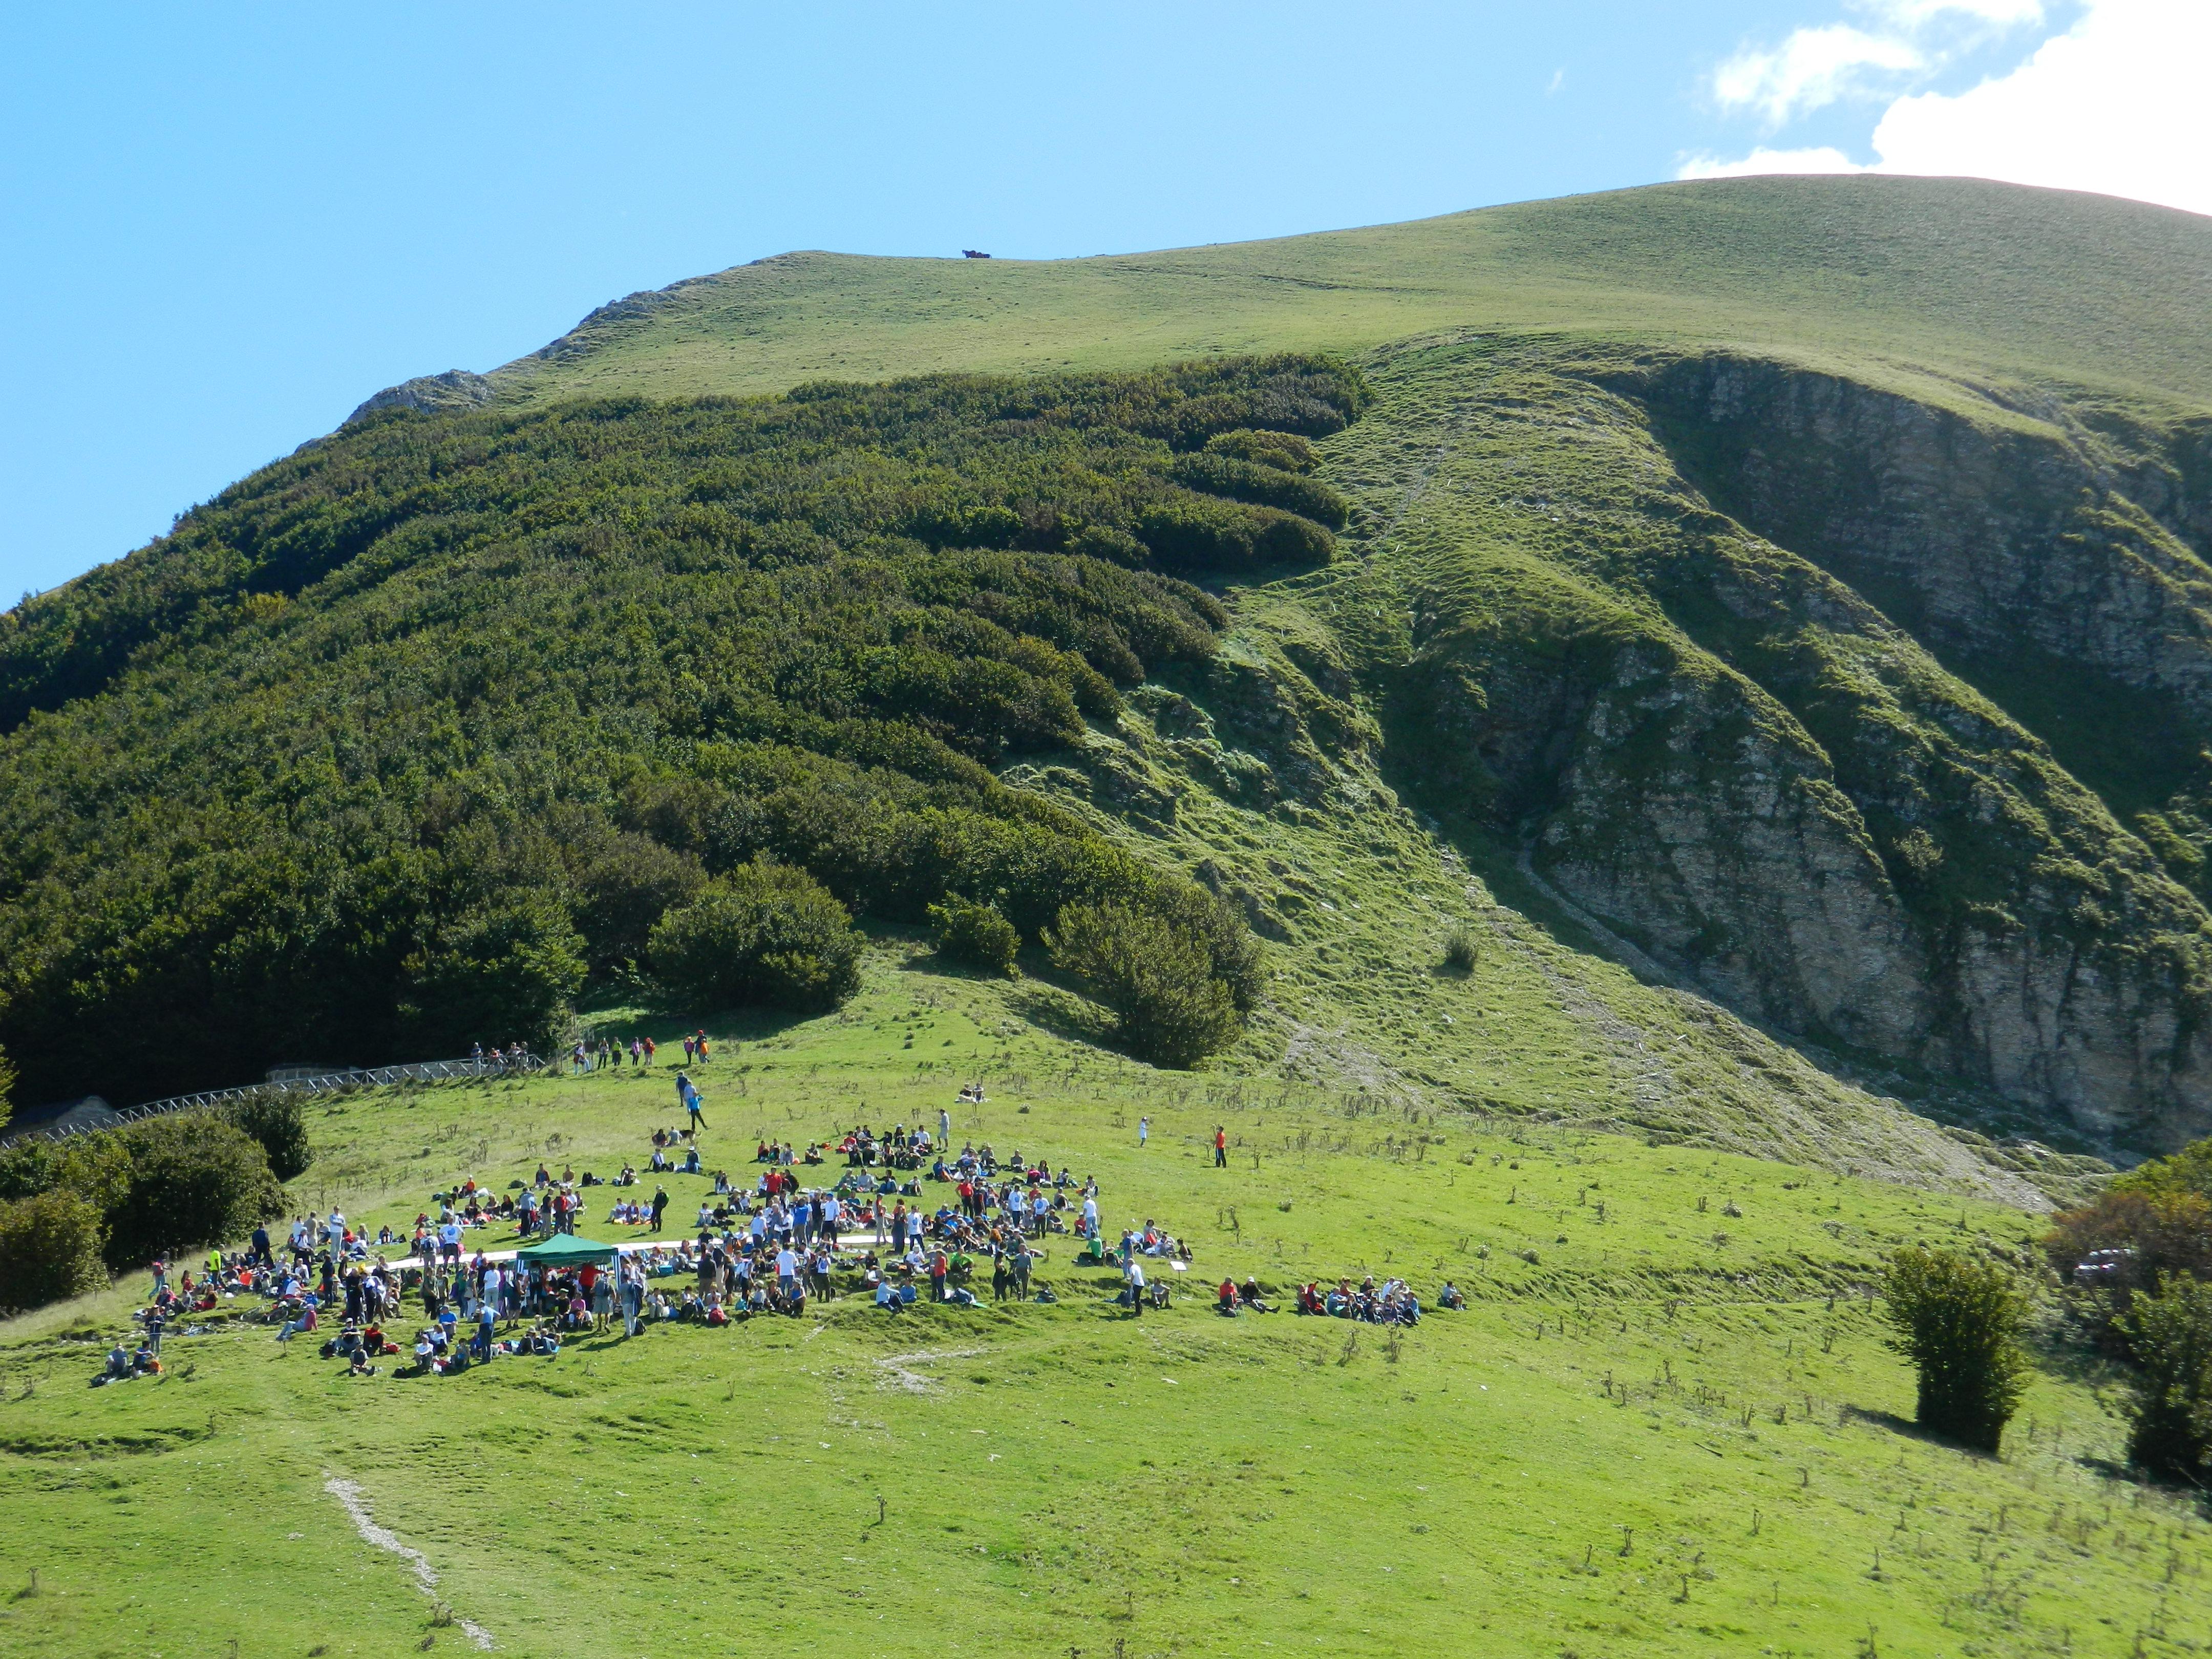 Raduno sul Monte Catria per 'Il Parco che non c'è', settembre 2014